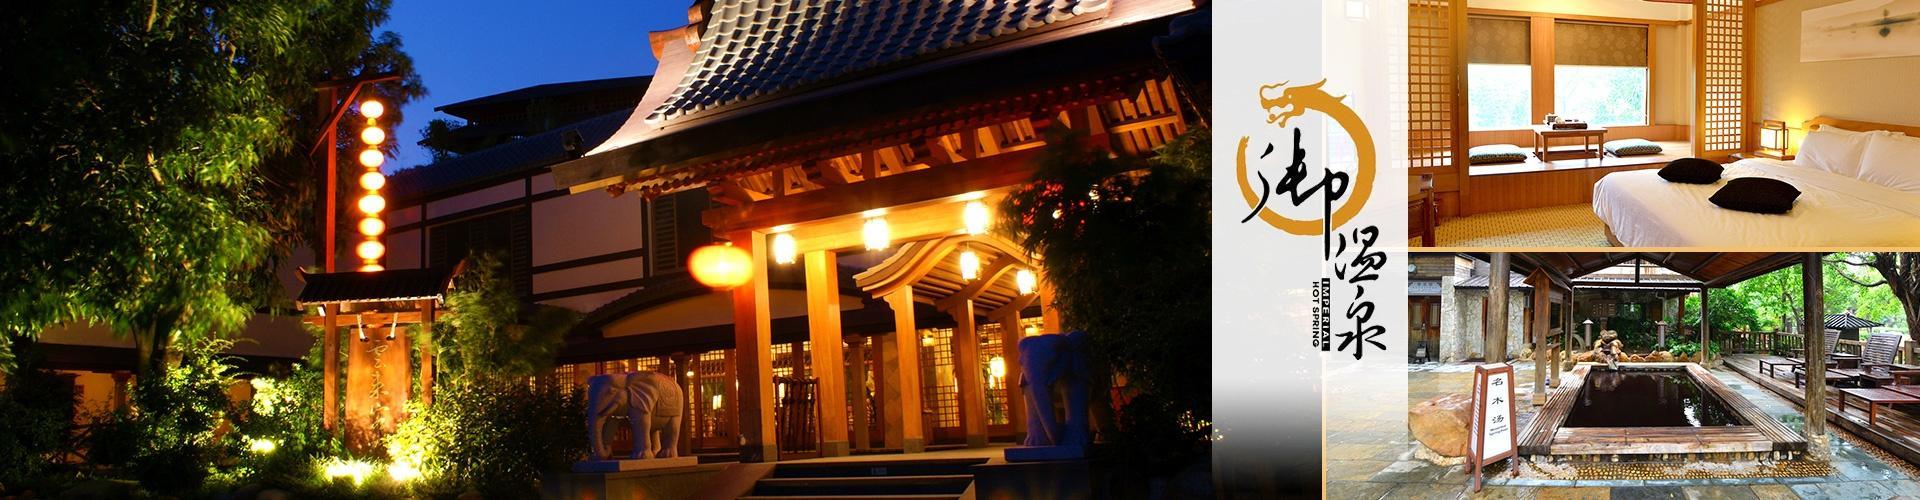 中國短線旅遊 - 珠海御溫泉雲來客棧套票